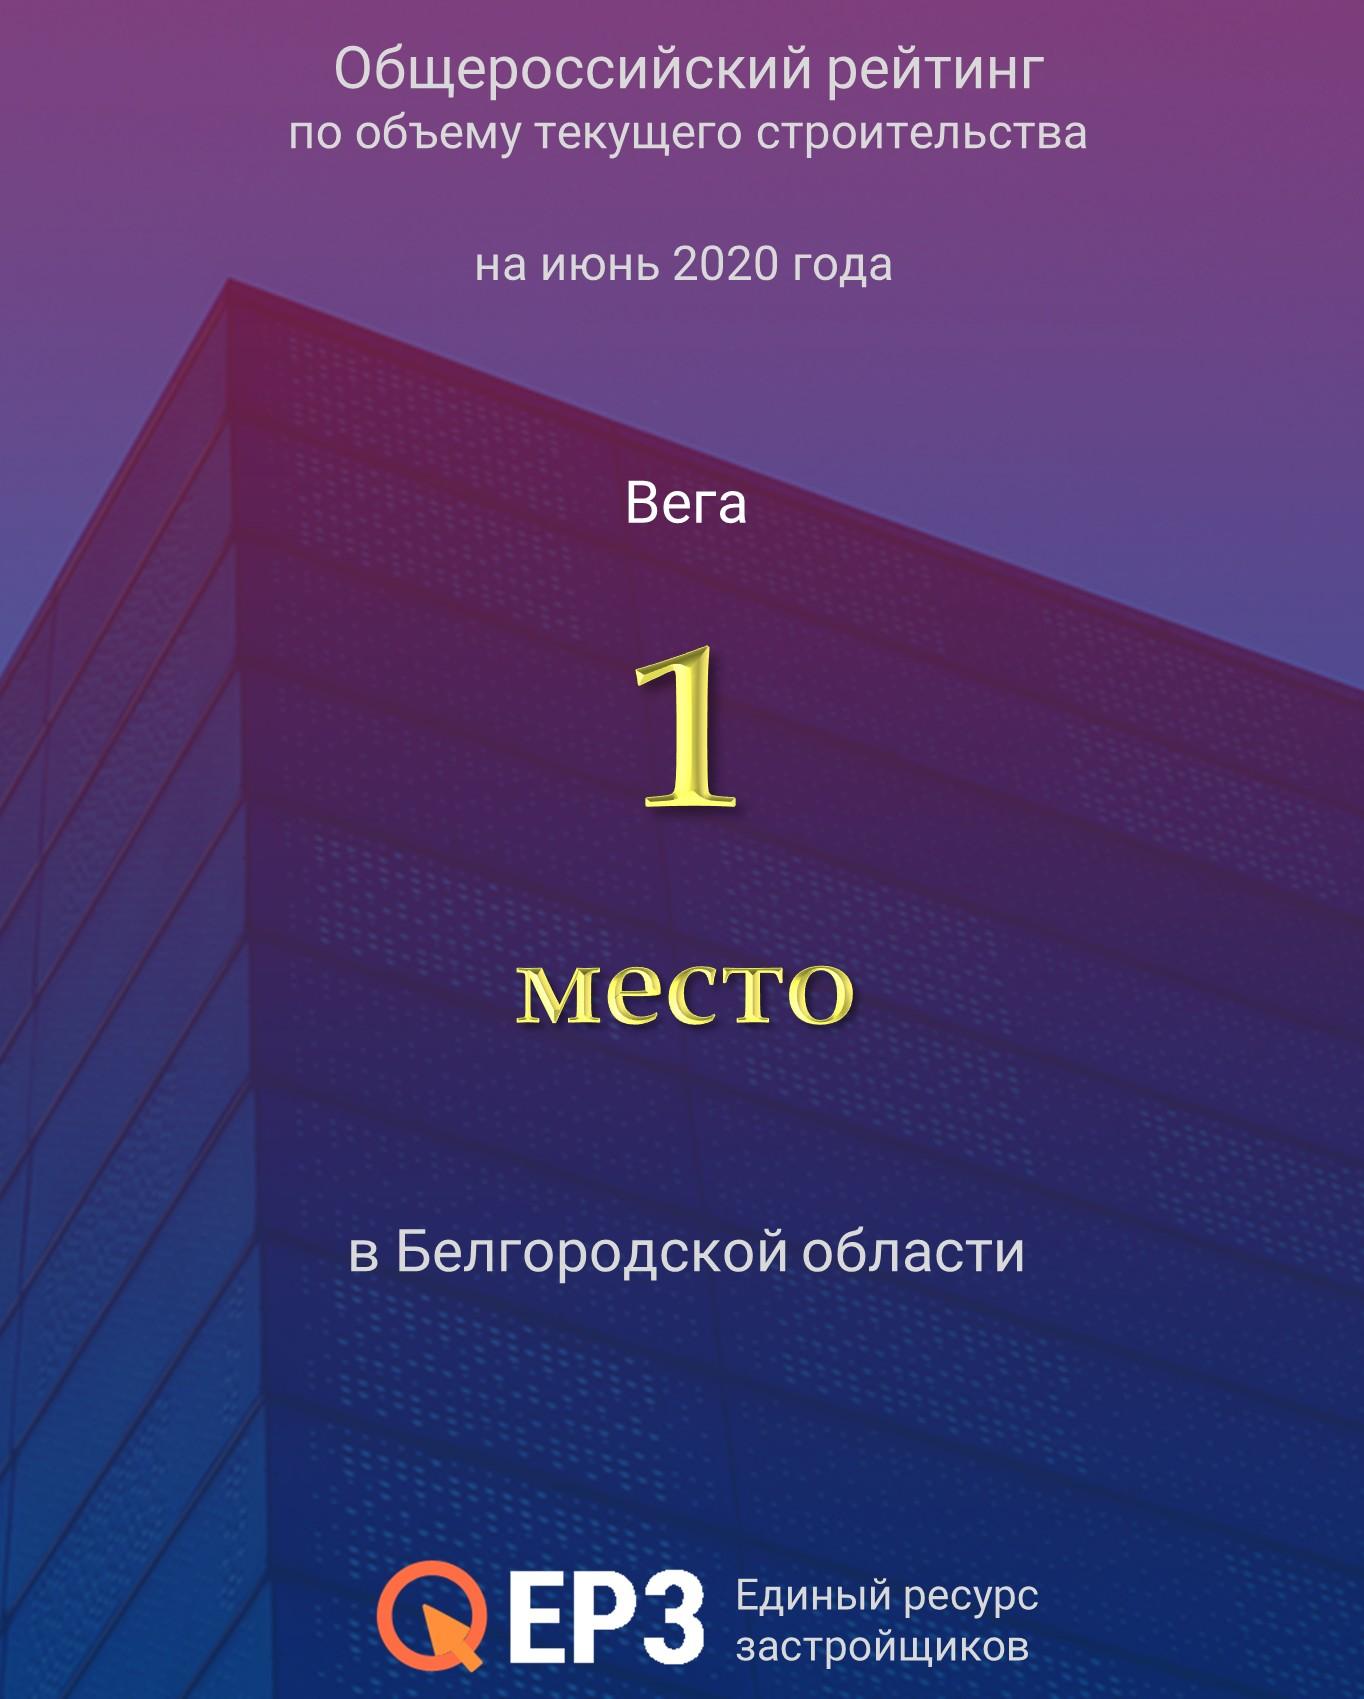 http://bel-vega.ru/wp-content/uploads/1364x1699.jpg